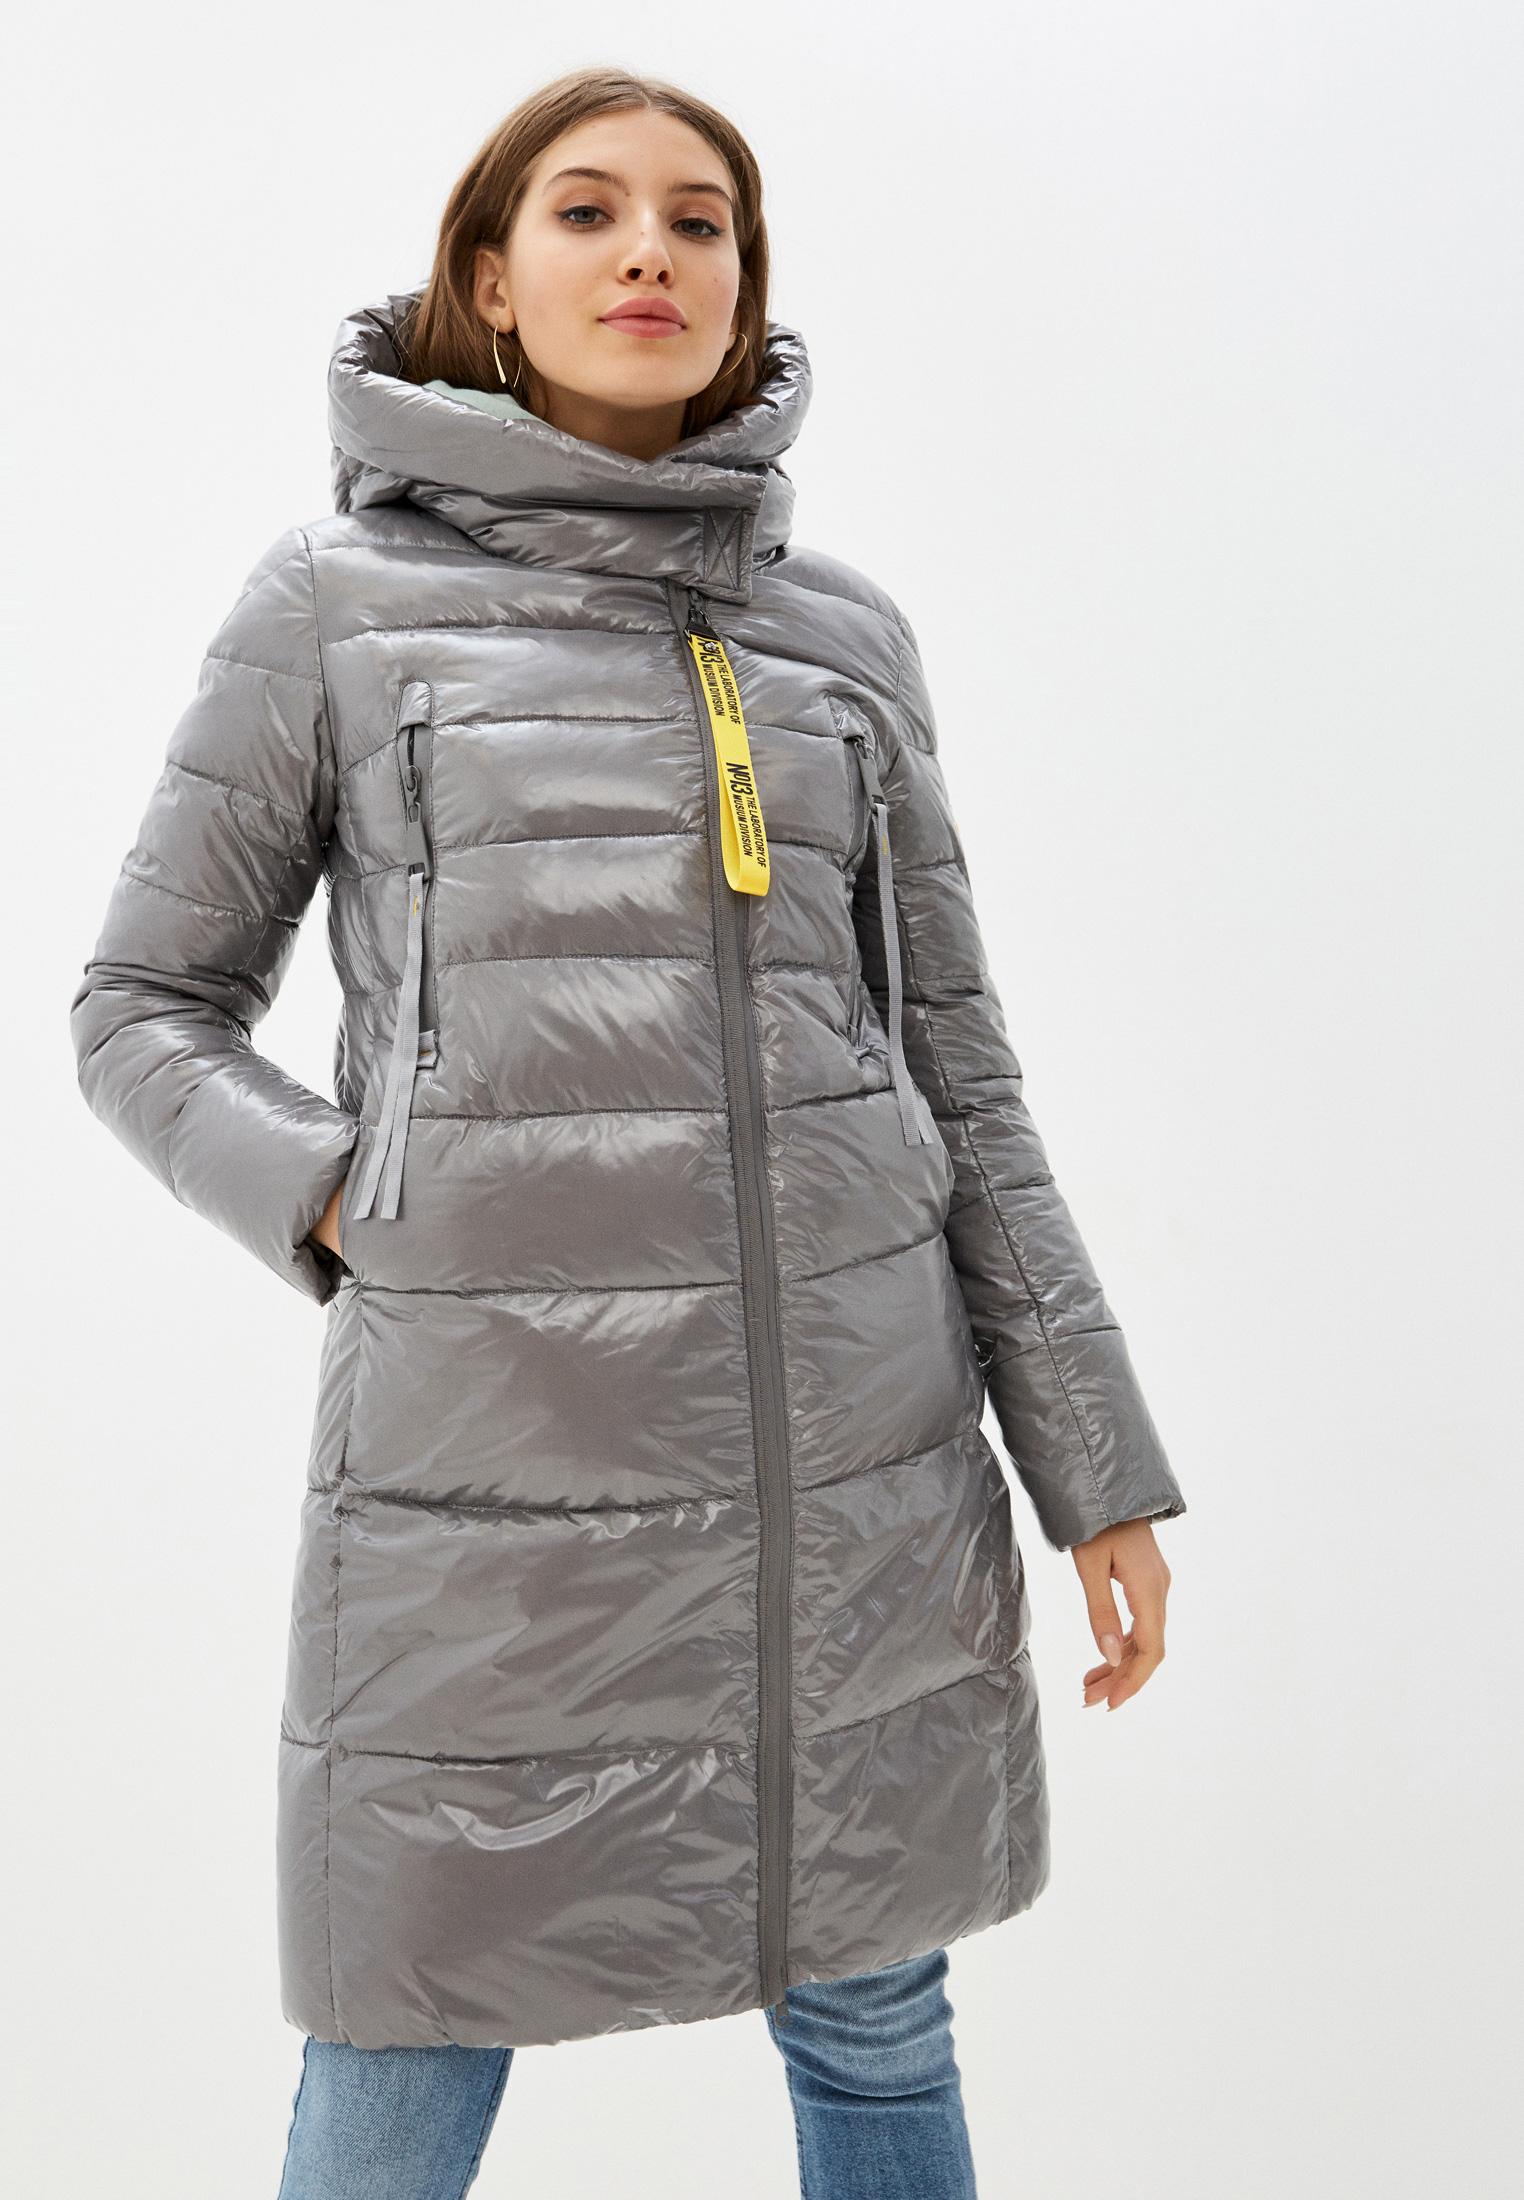 Куртка утепленная Снежная Королева купить за 12 593 ₽ в интернет-магазине Lamoda.ru